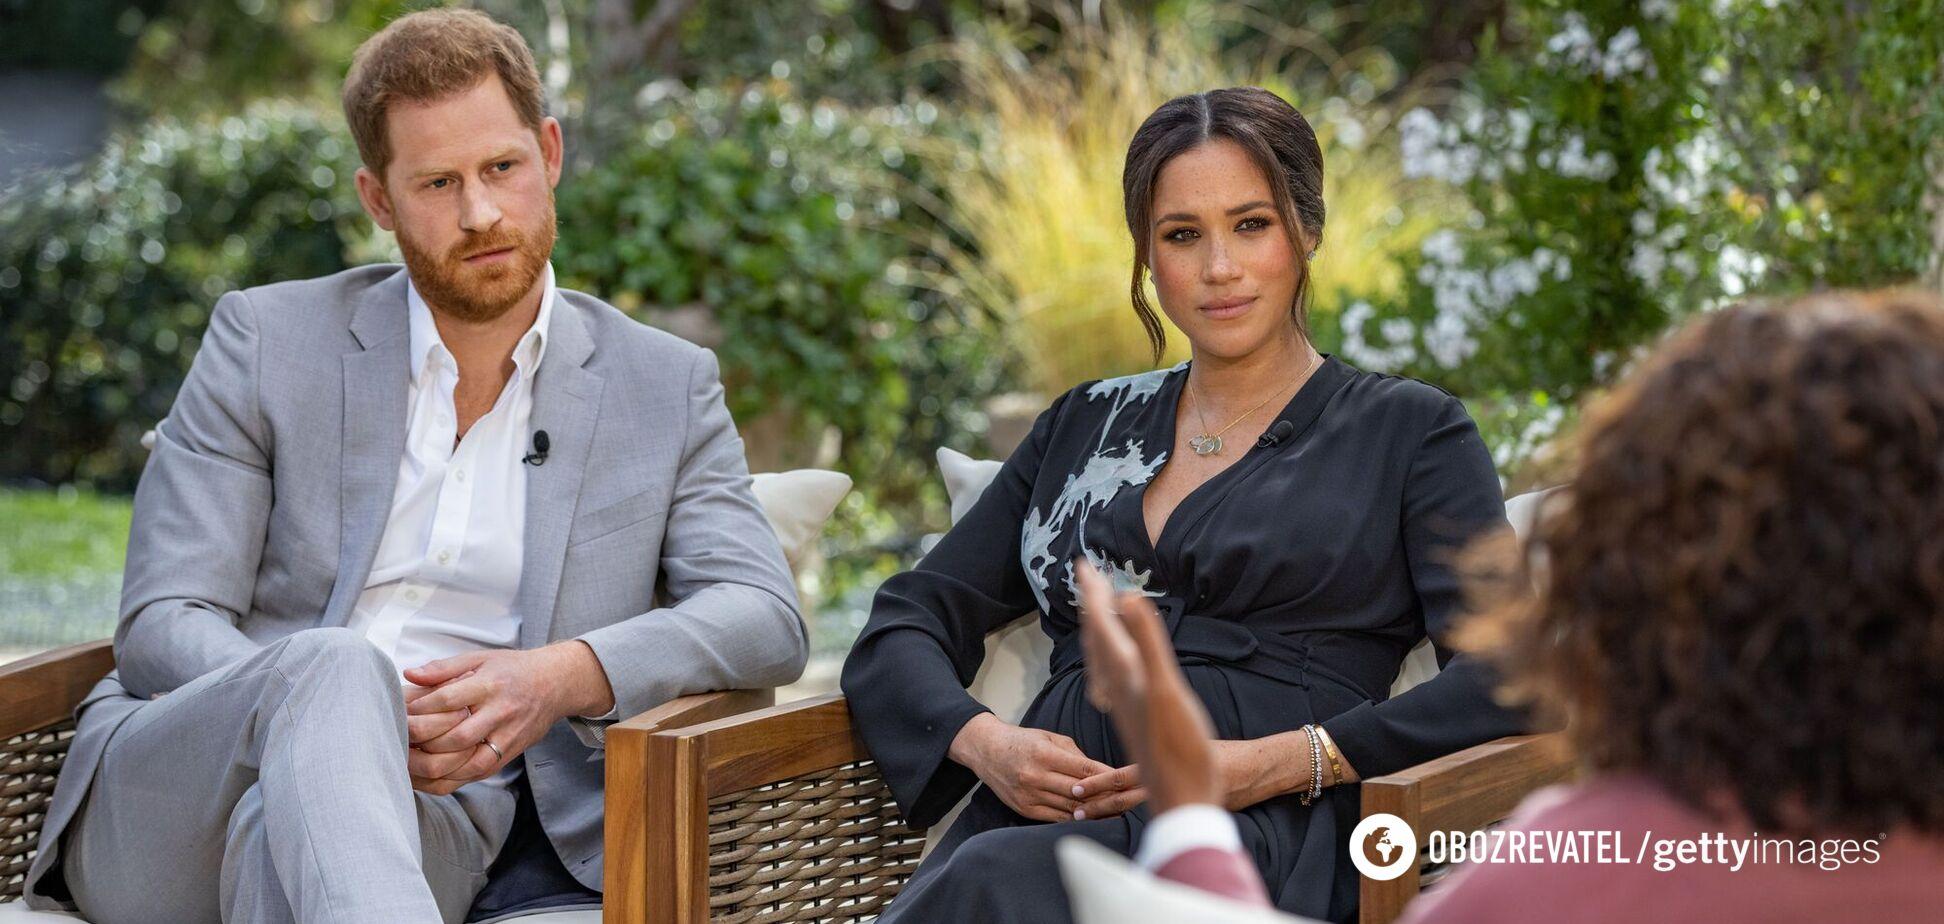 Рейтинг принца Гаррі та Меган Маркл різко впав після інтерв'ю Опрі